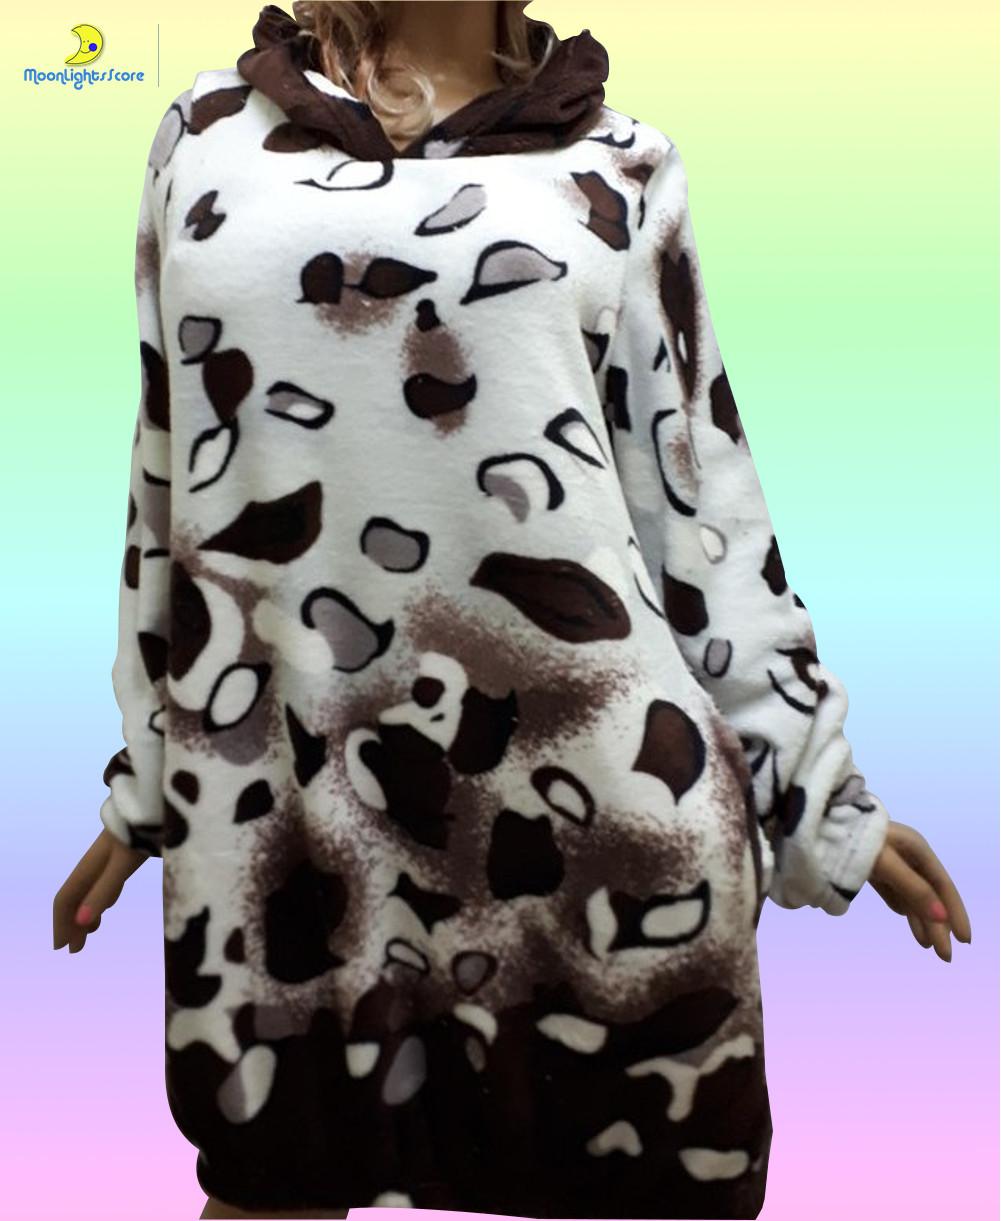 Женская домашняя одежда, туника домашняя из плюшевой махры, размер 42-44